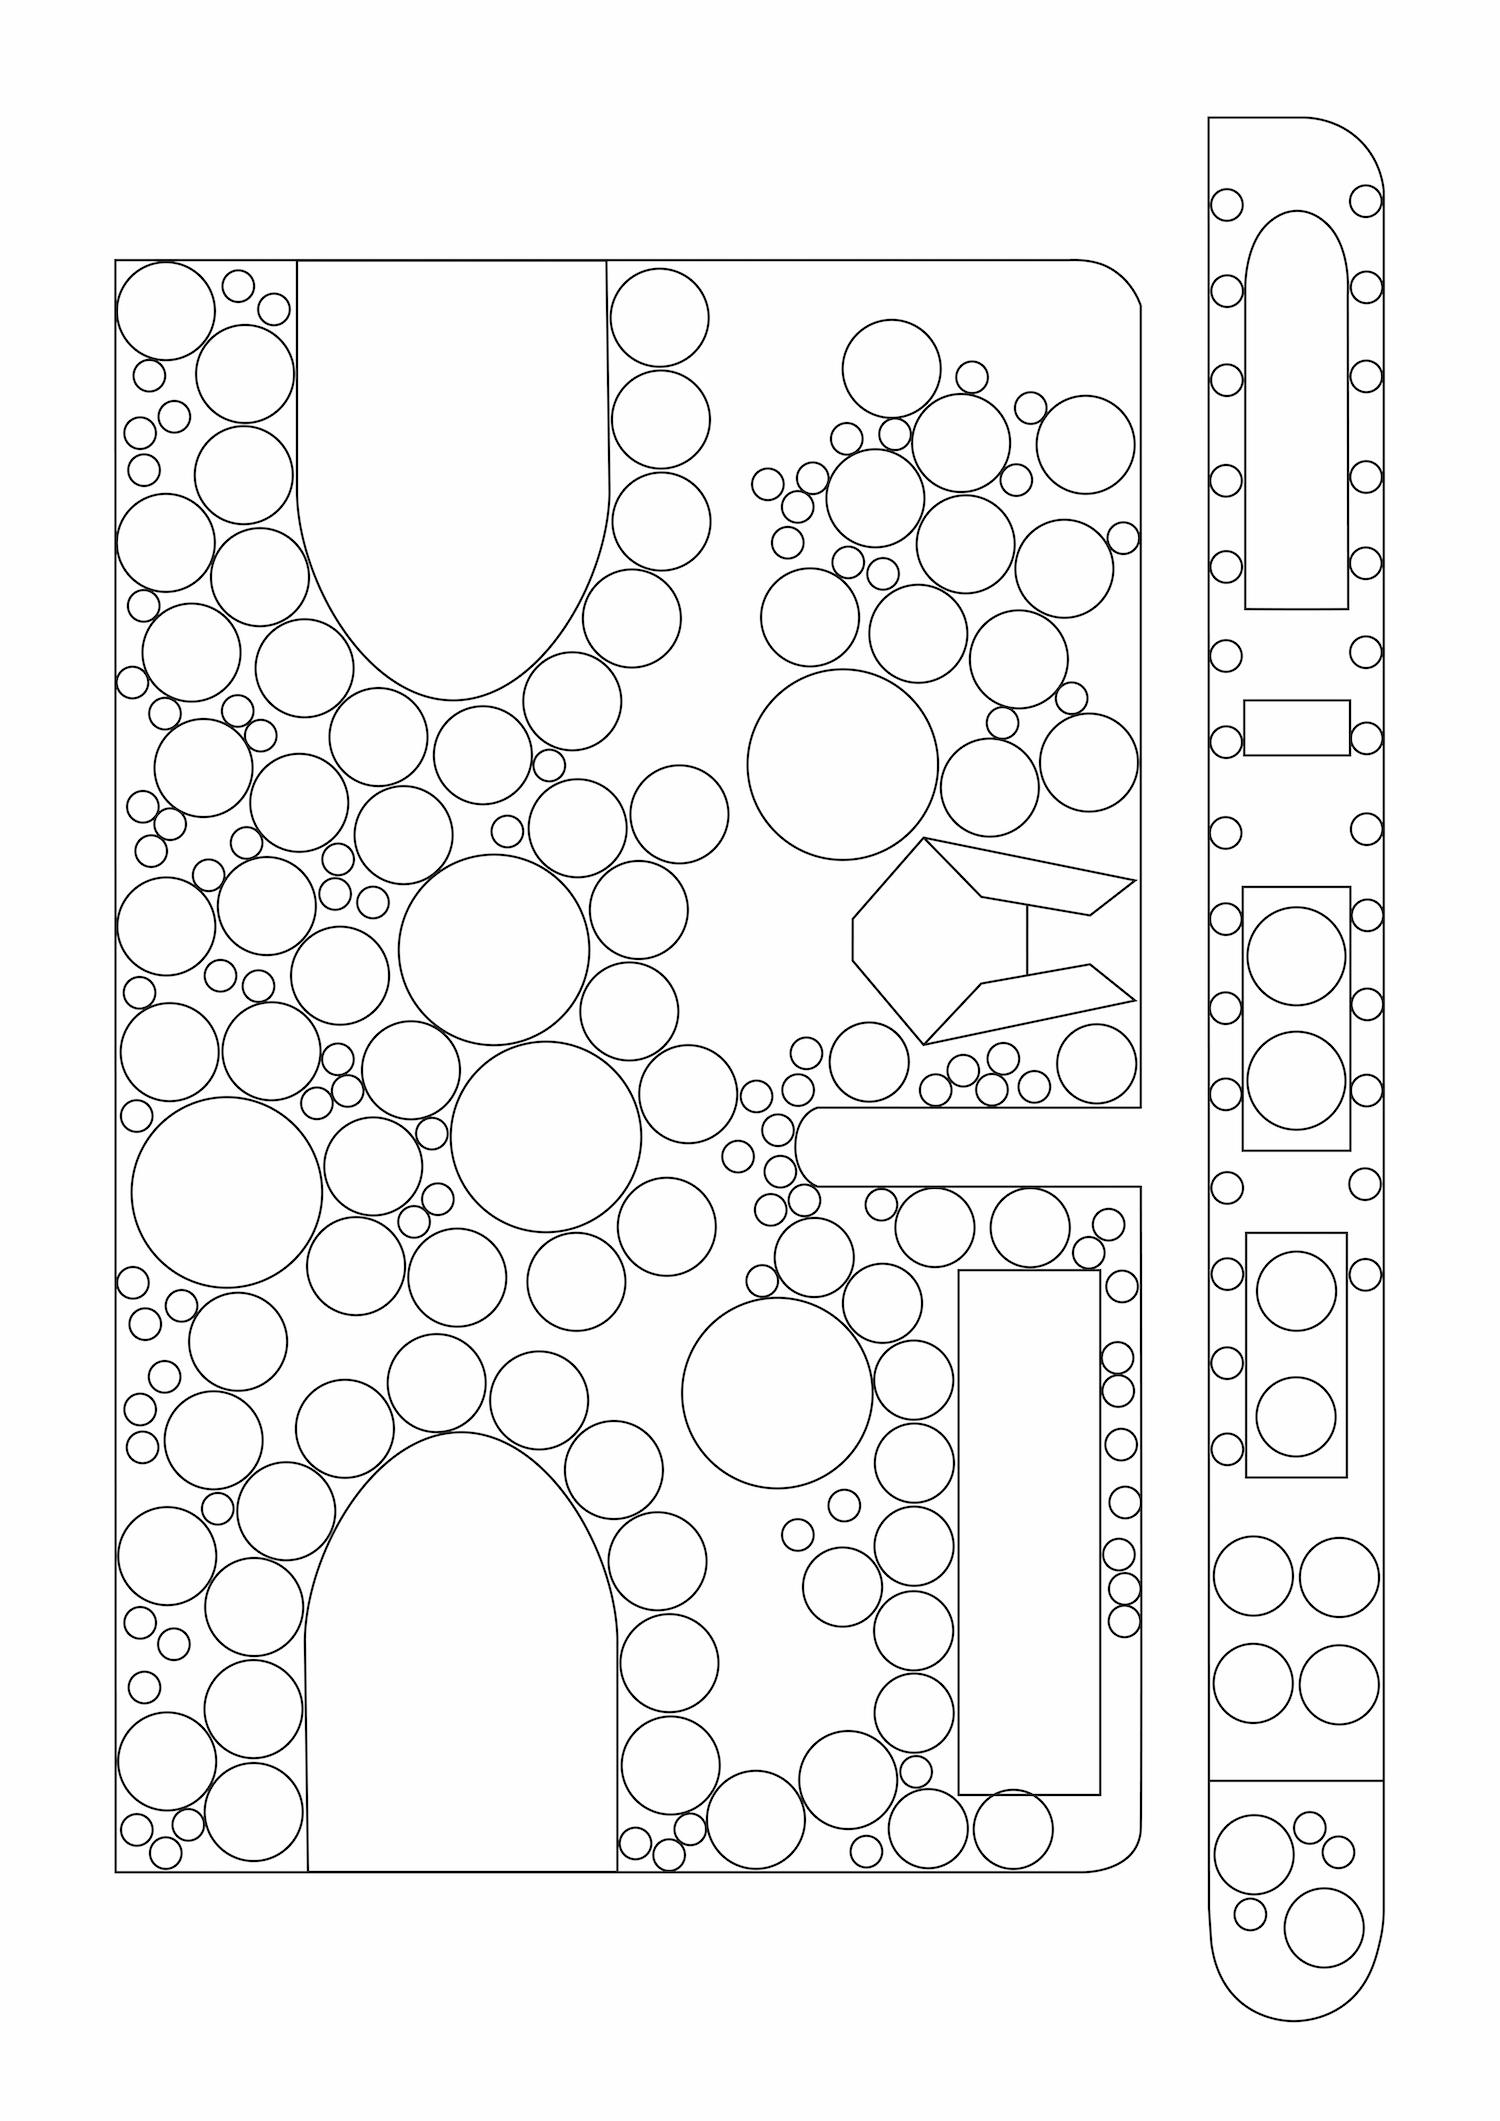 36_Zeichenfläche 1.jpg